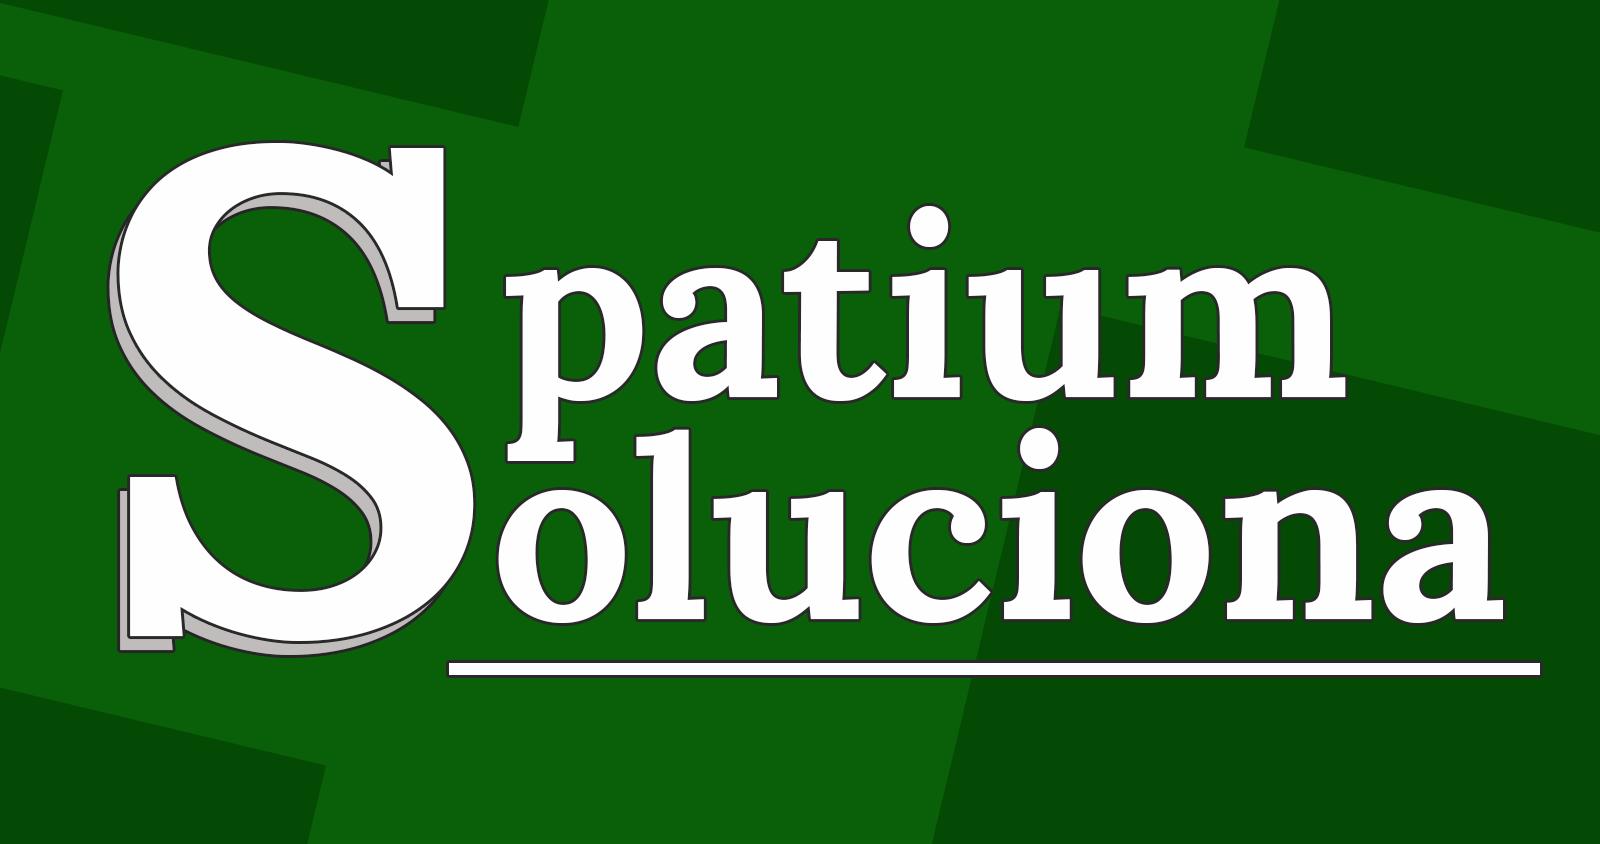 Spatium Soluciona